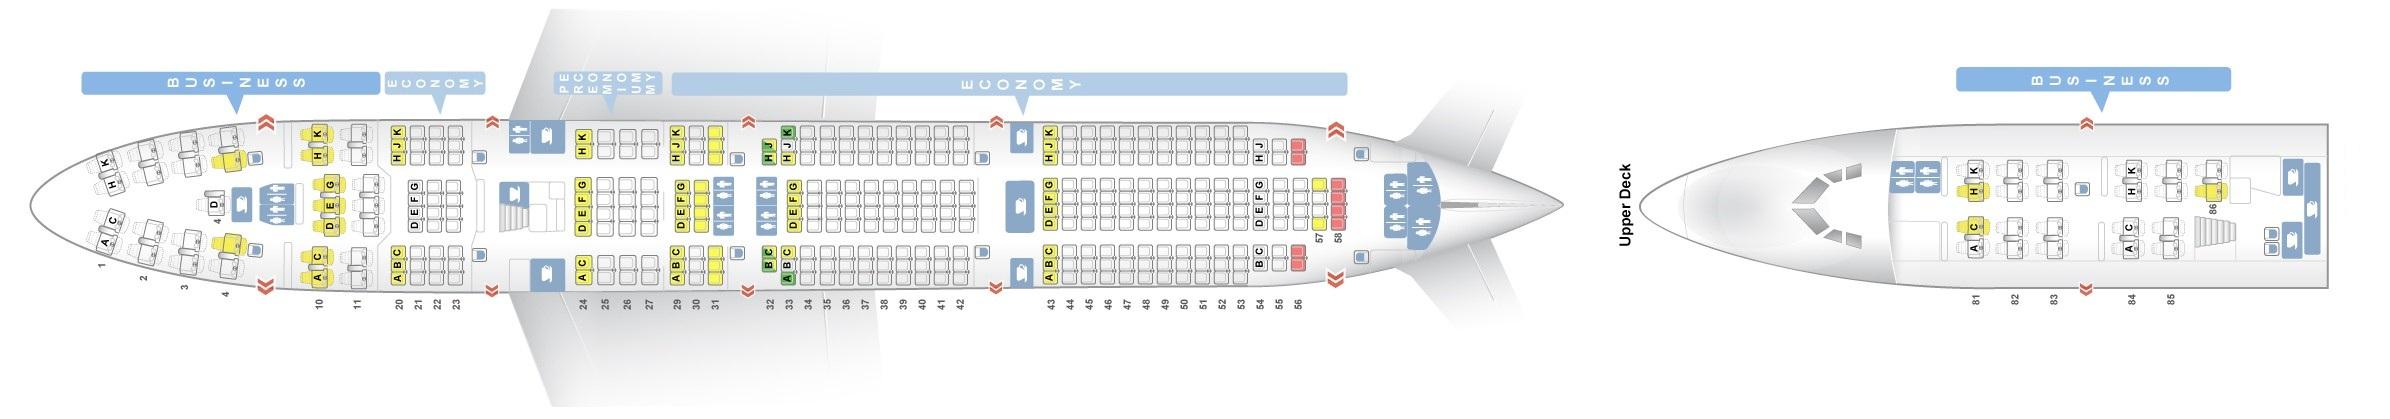 Seat Map Boeing 747 400 Lufthansa Best Seats In Plane